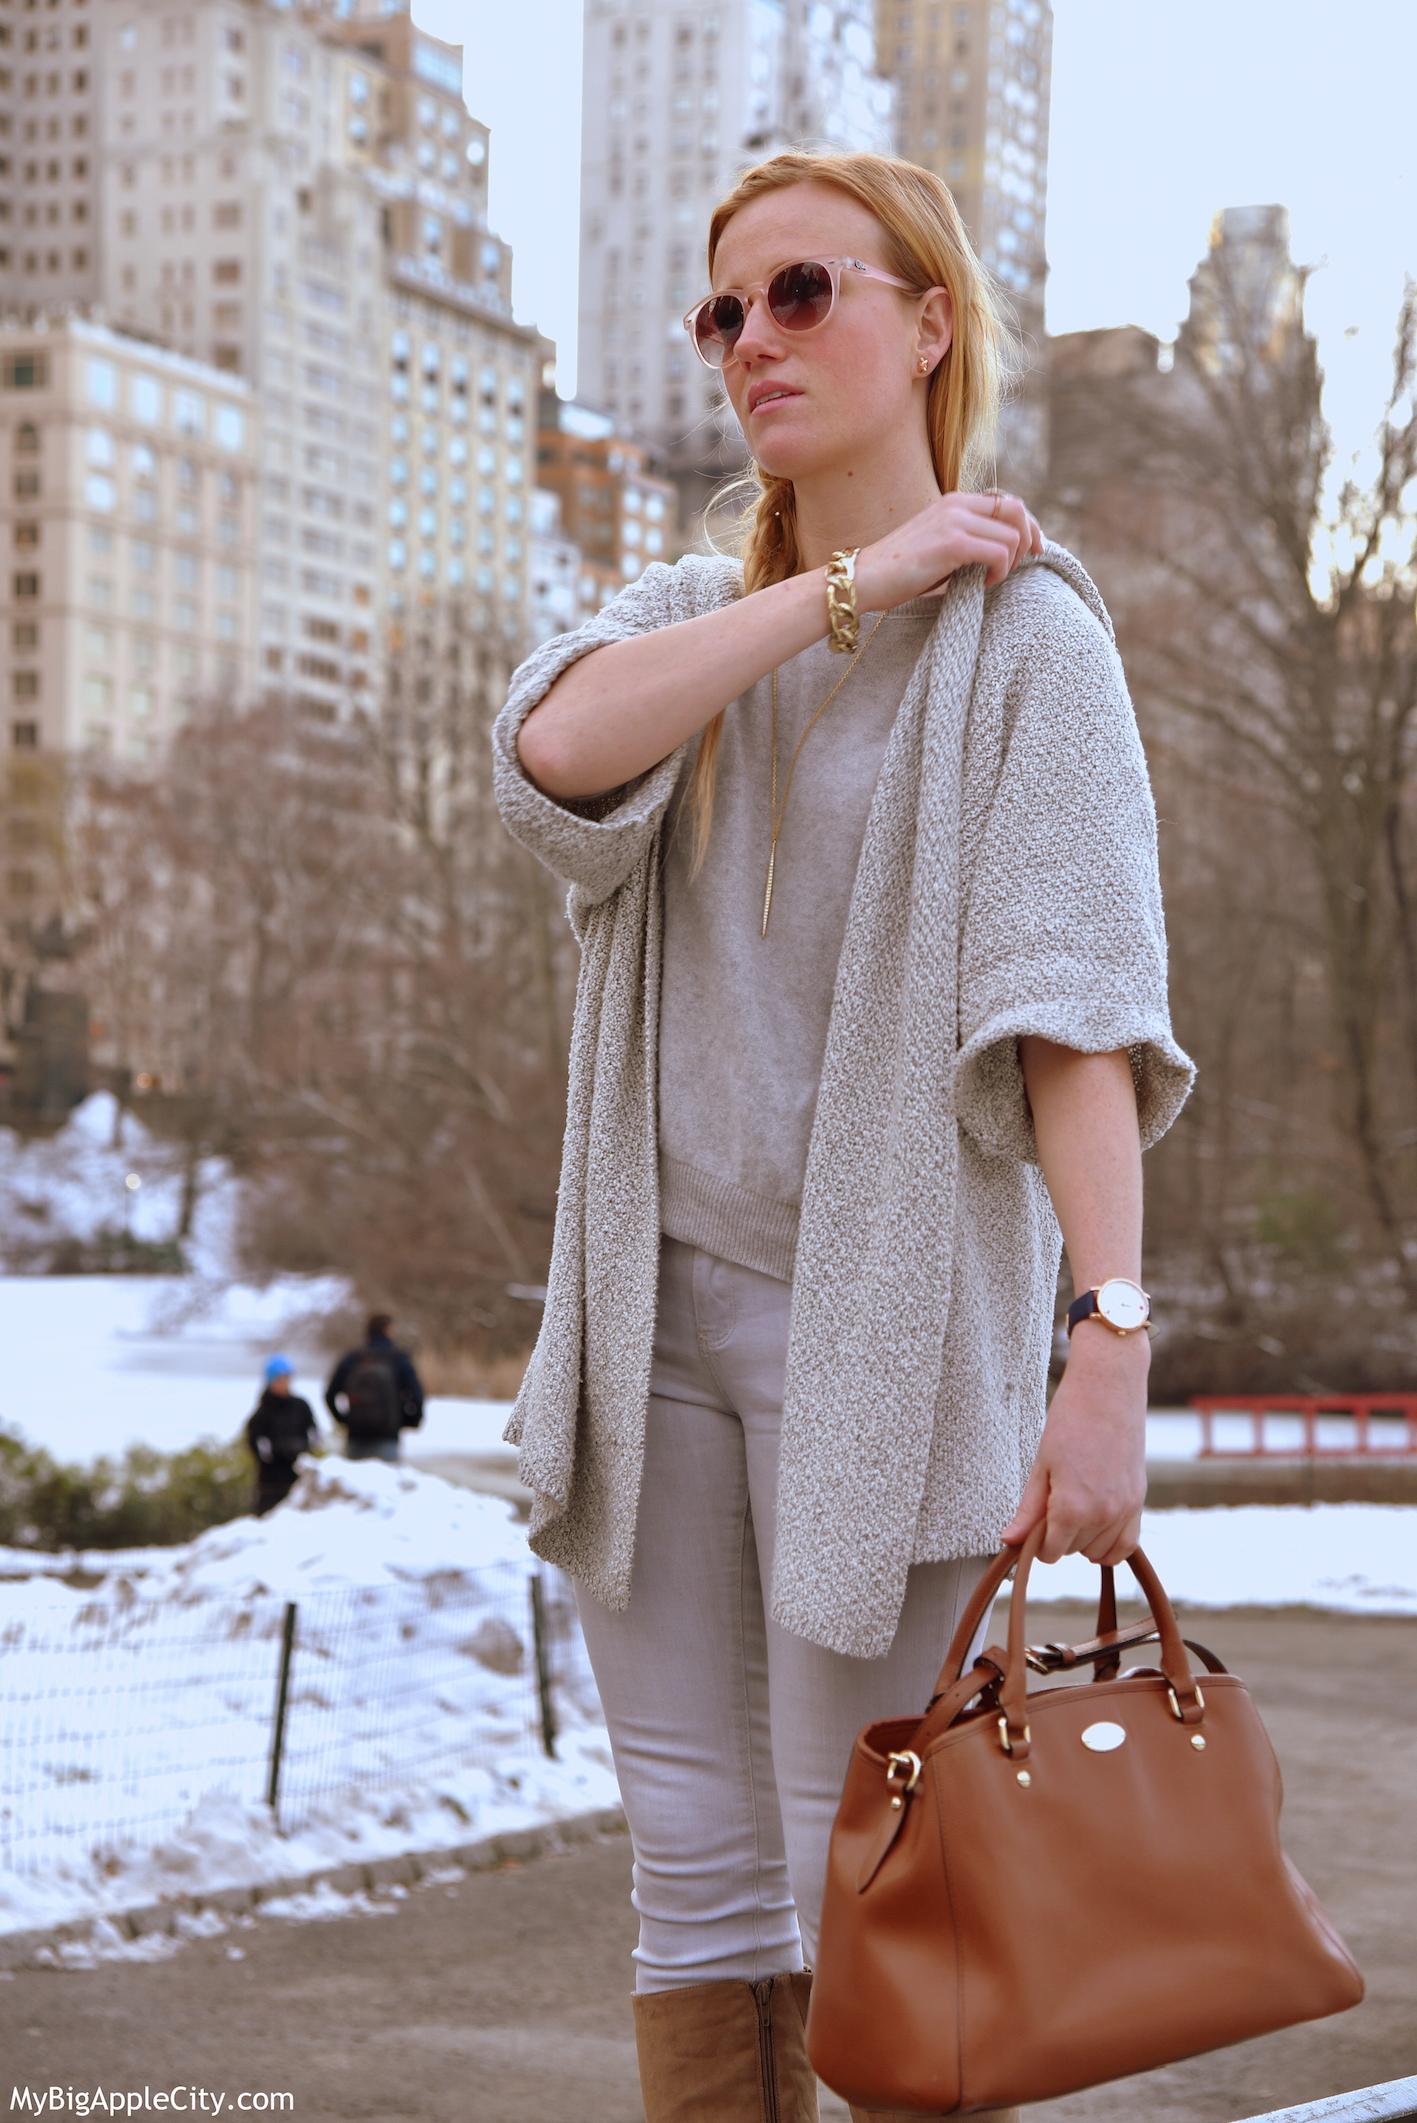 NYC-fashion-style-blogger-OOTD-mybigapplecity